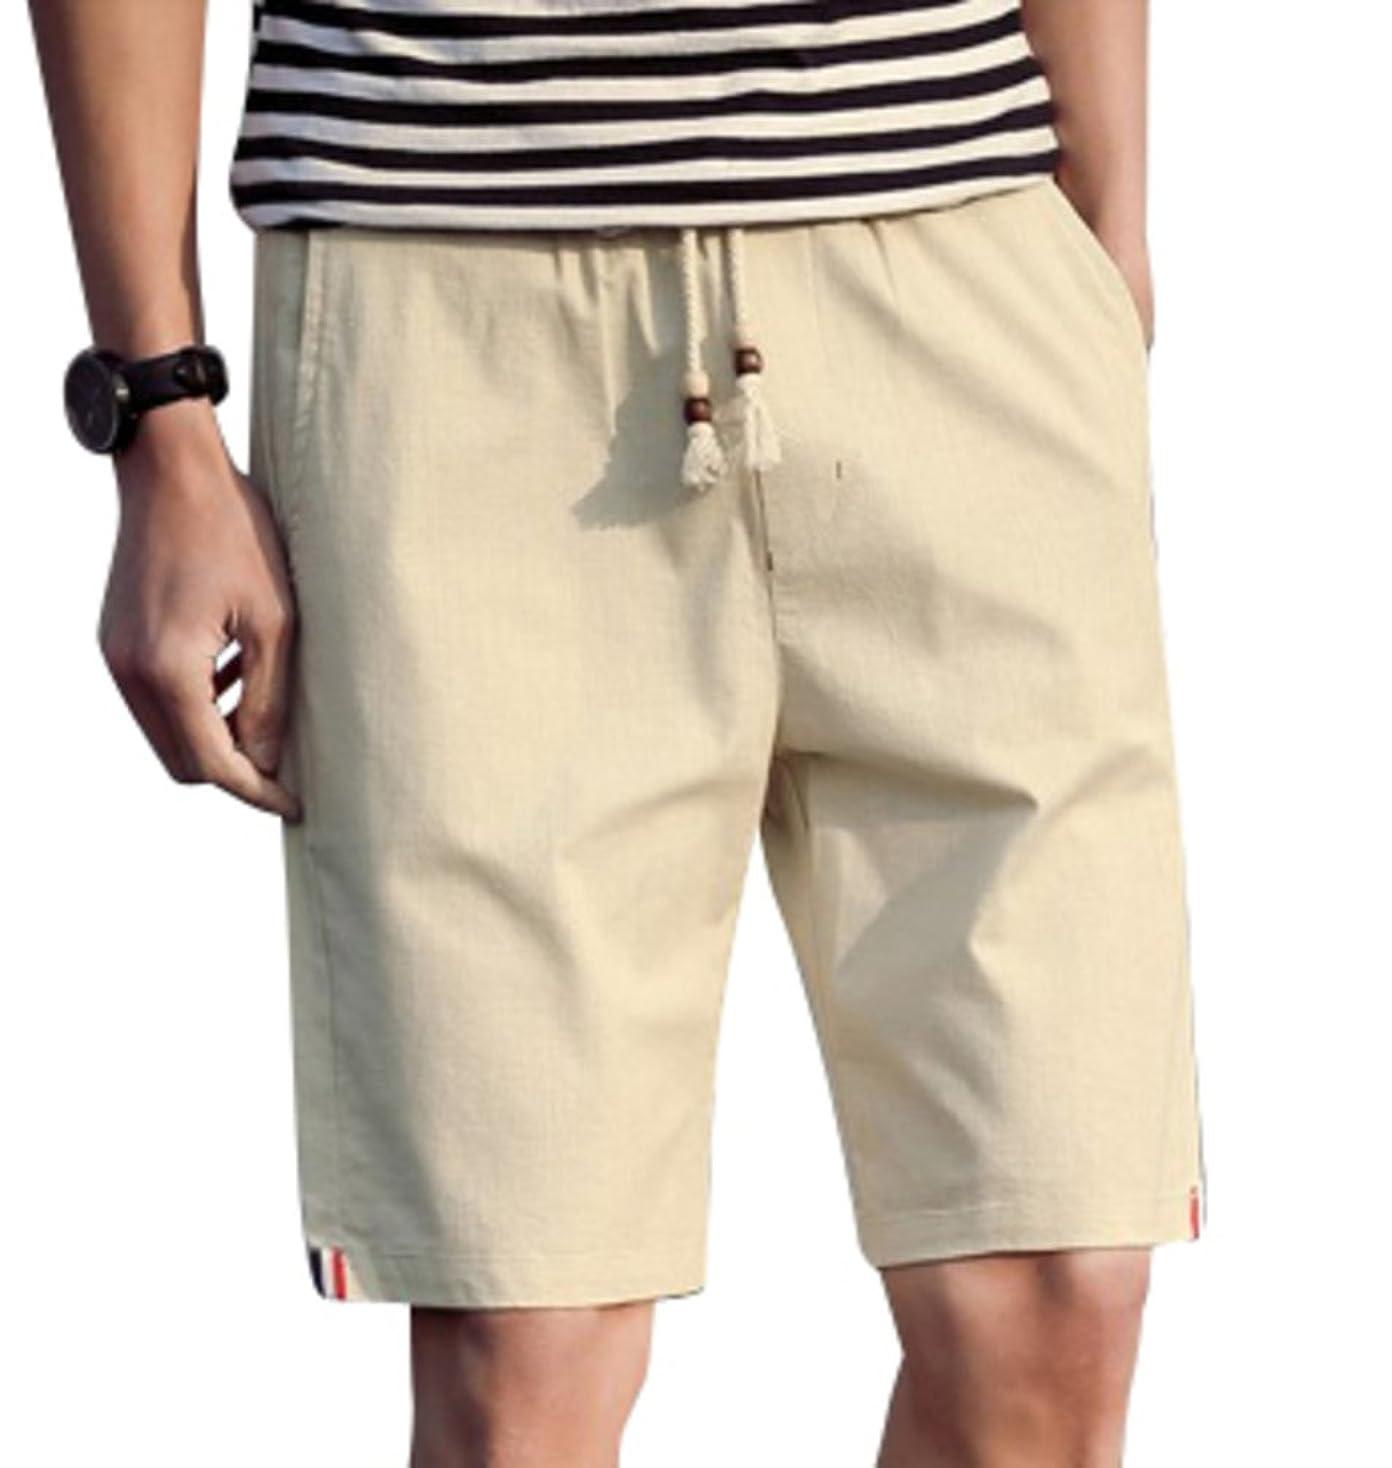 注ぎますダンプ前任者[アルファーフープ] メンズ 5 分 丈 ハーフ ショート パンツ 無地 柄 短パン 半 ズボン 大きい サイズ T78